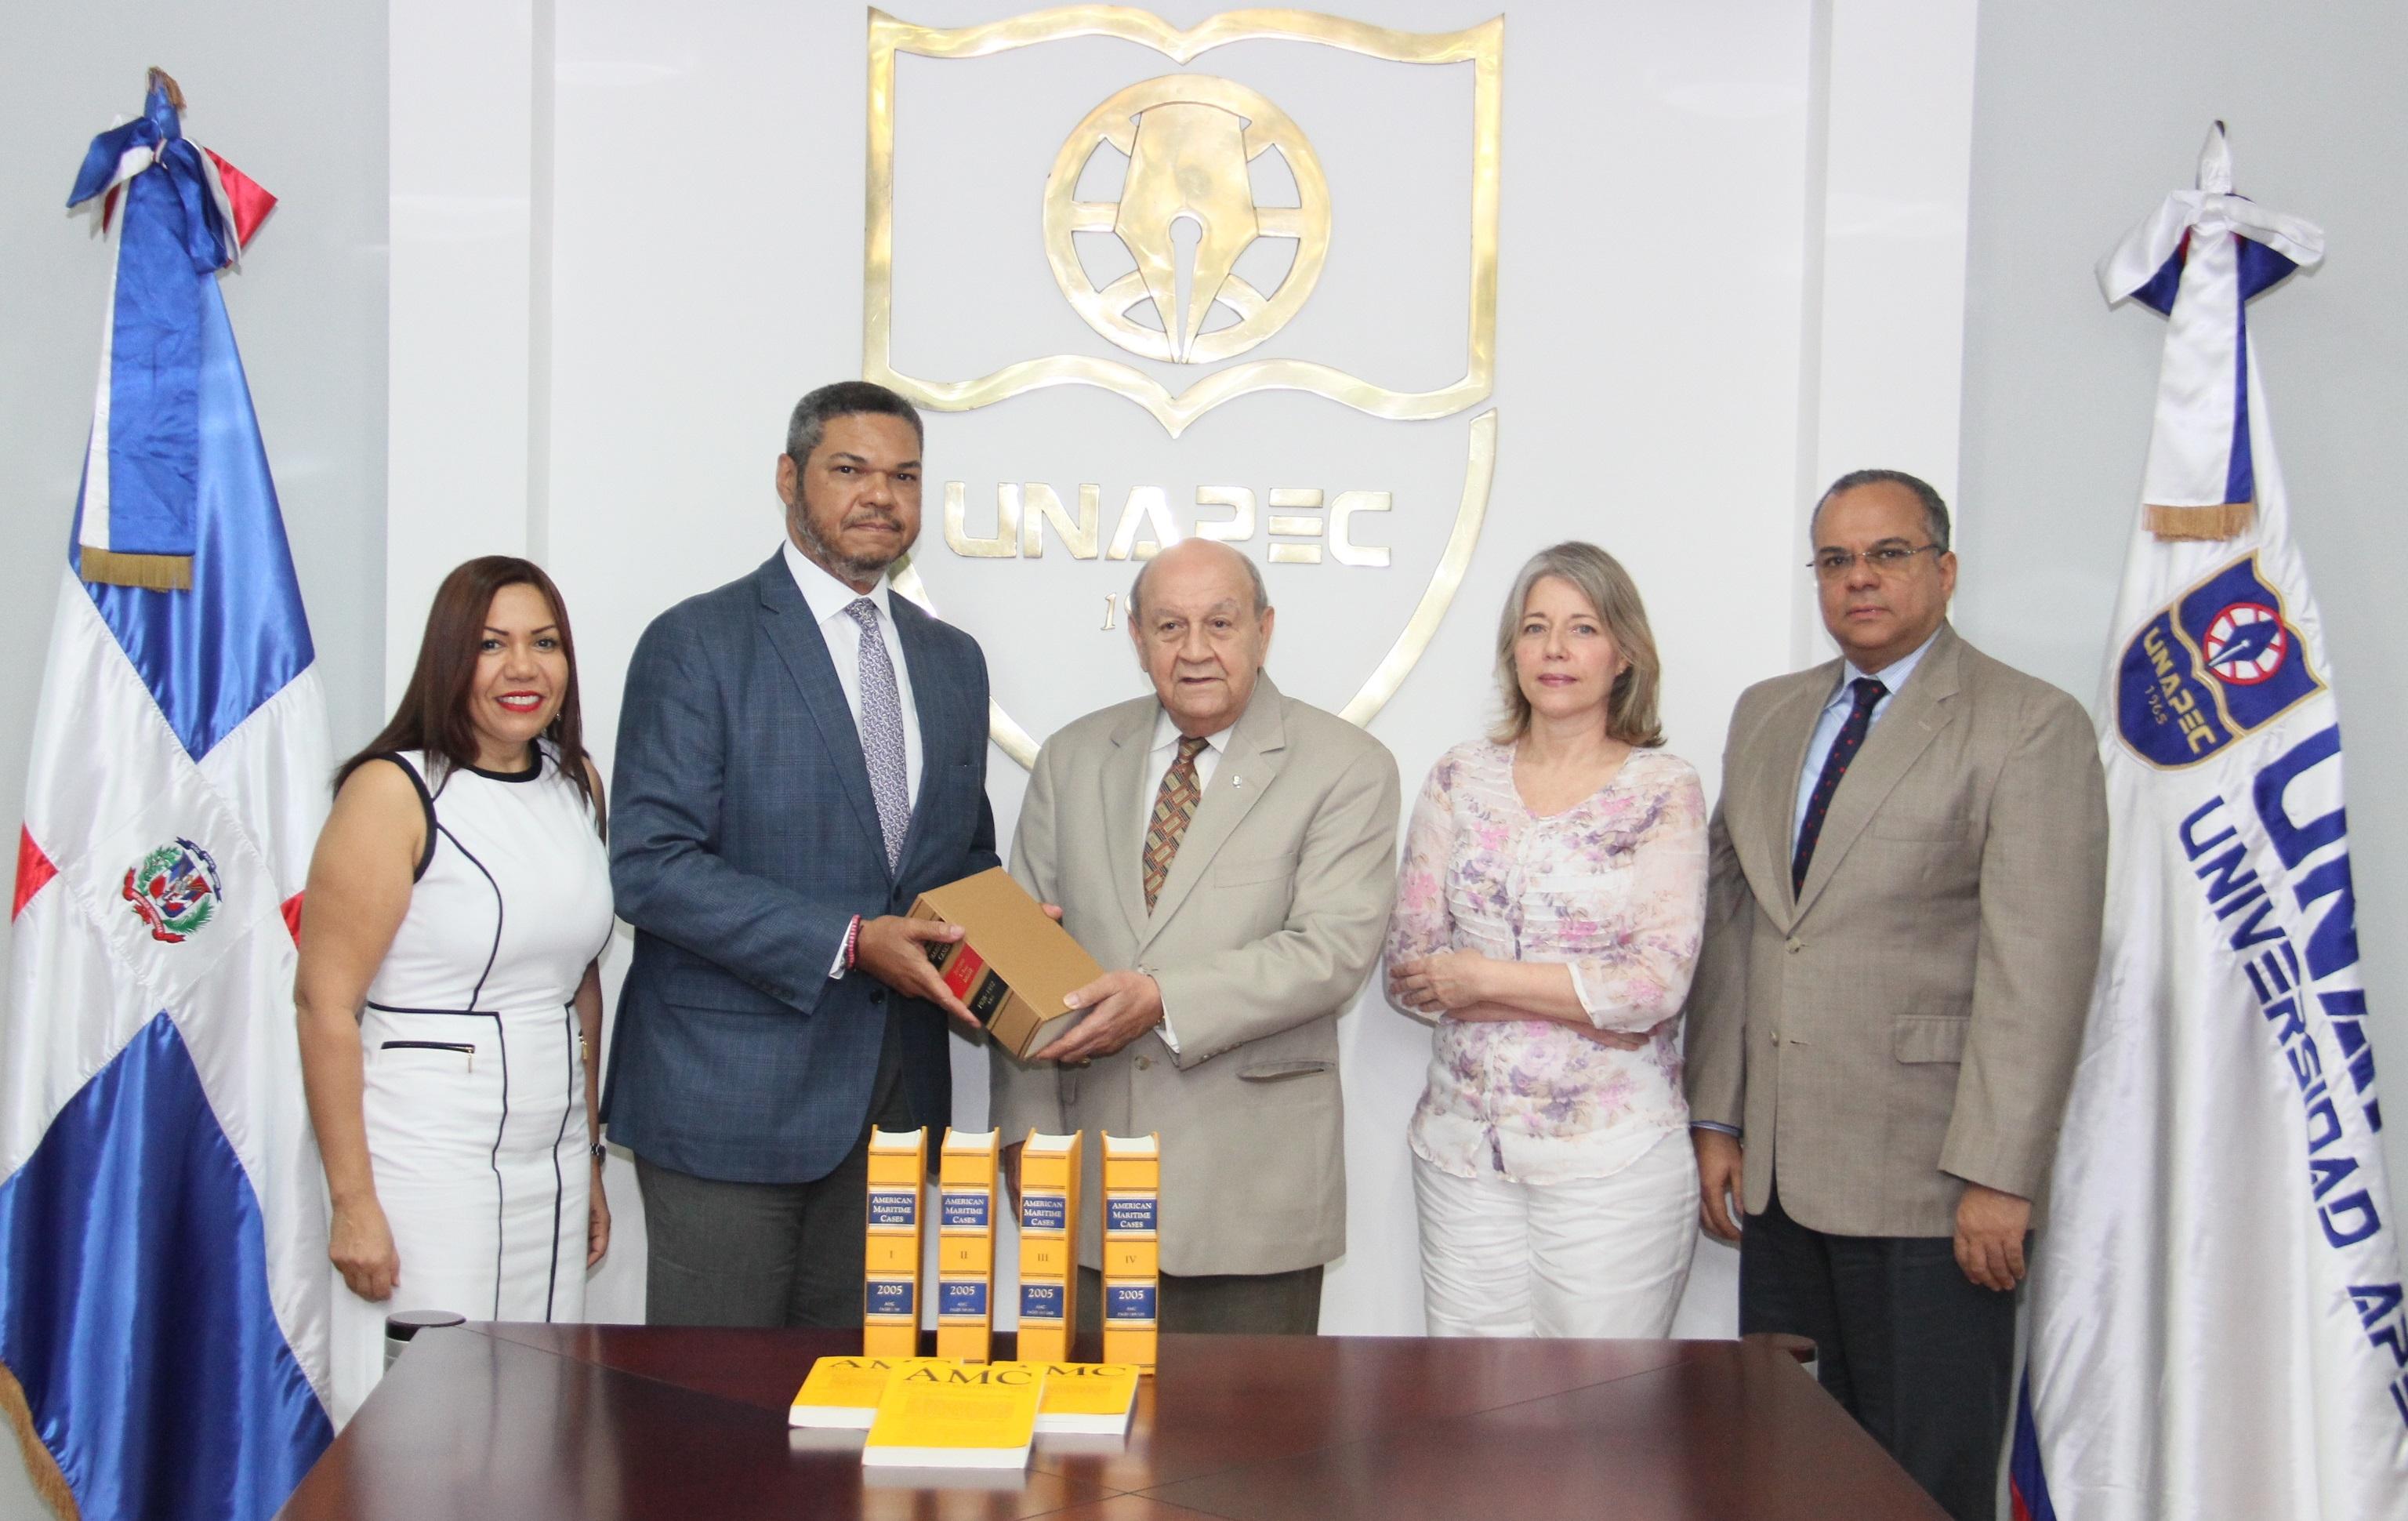 Universidad APEC y Fundación Tito Mella unen esfuerzos para crear primera biblioteca marítima en República Dominicana